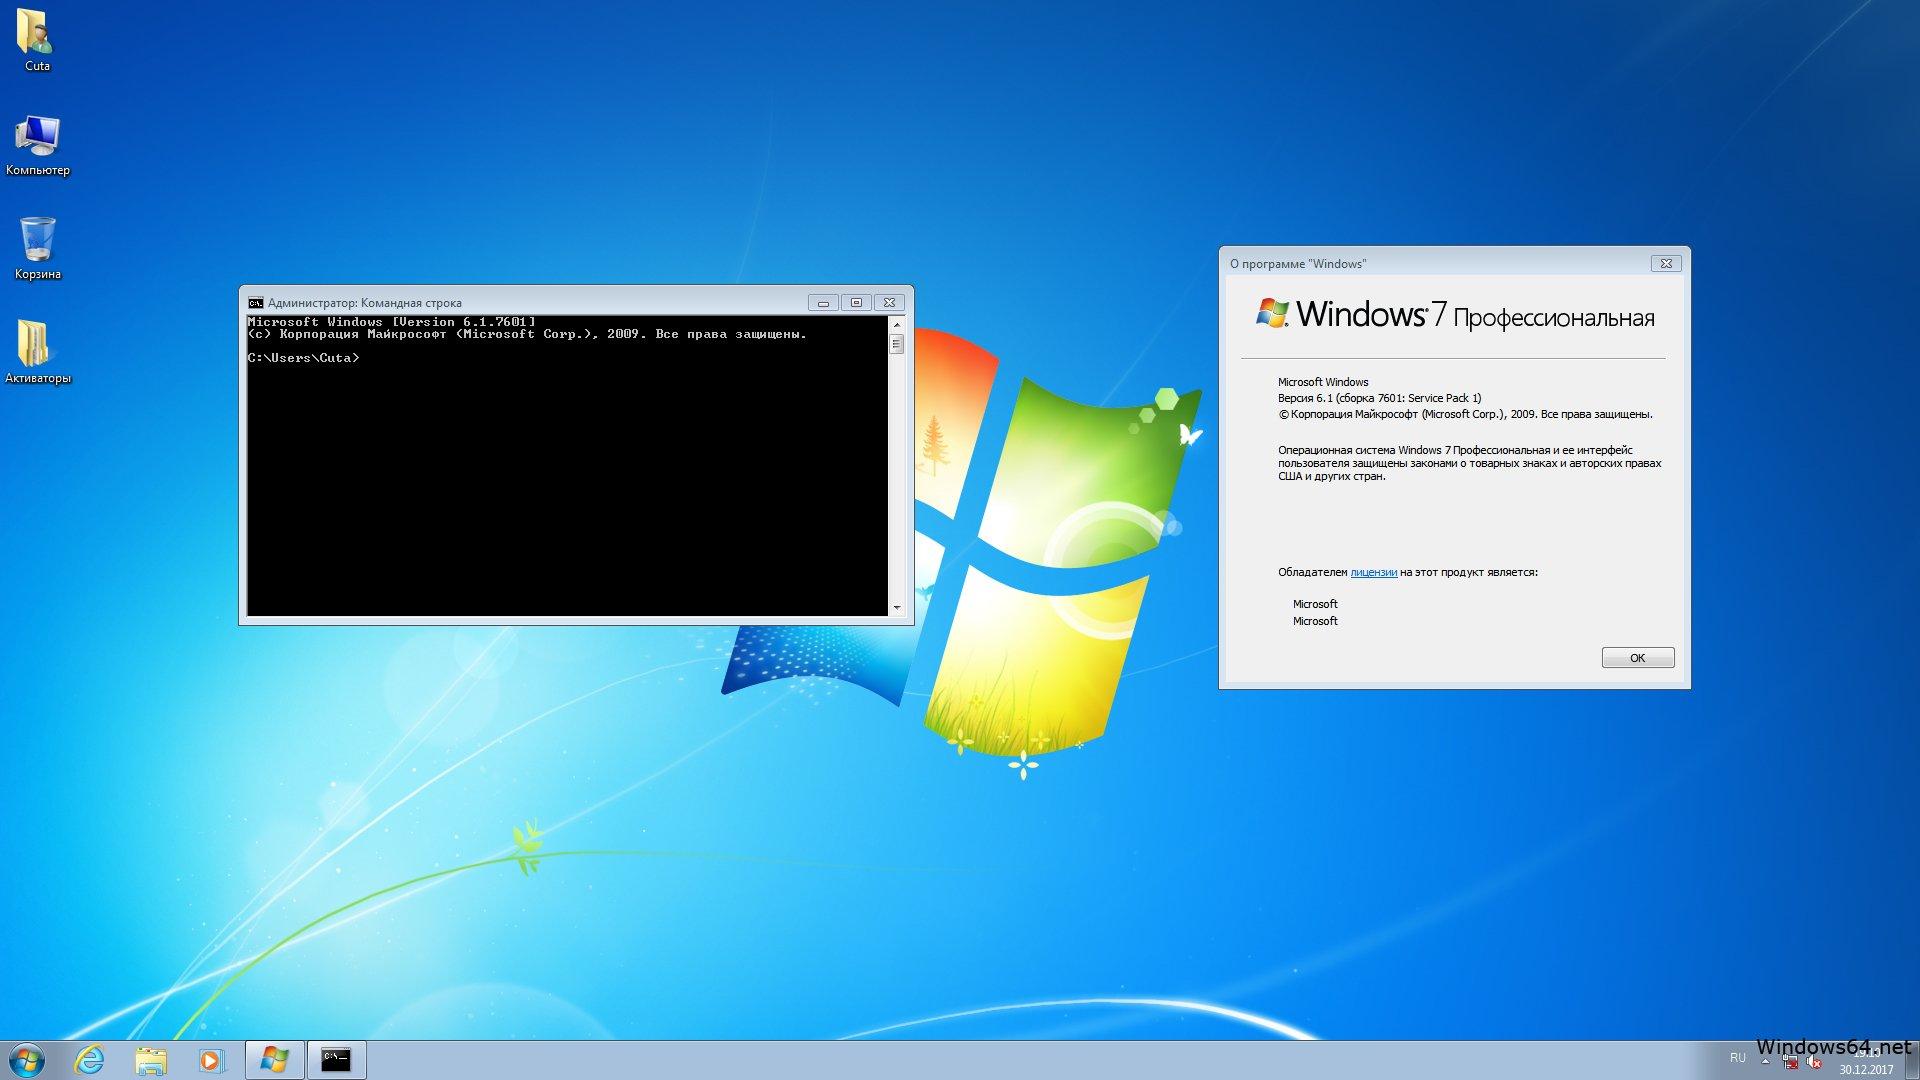 Игровая сборка windows 7 pro x64 x86 rus sp1 скачать торрент.